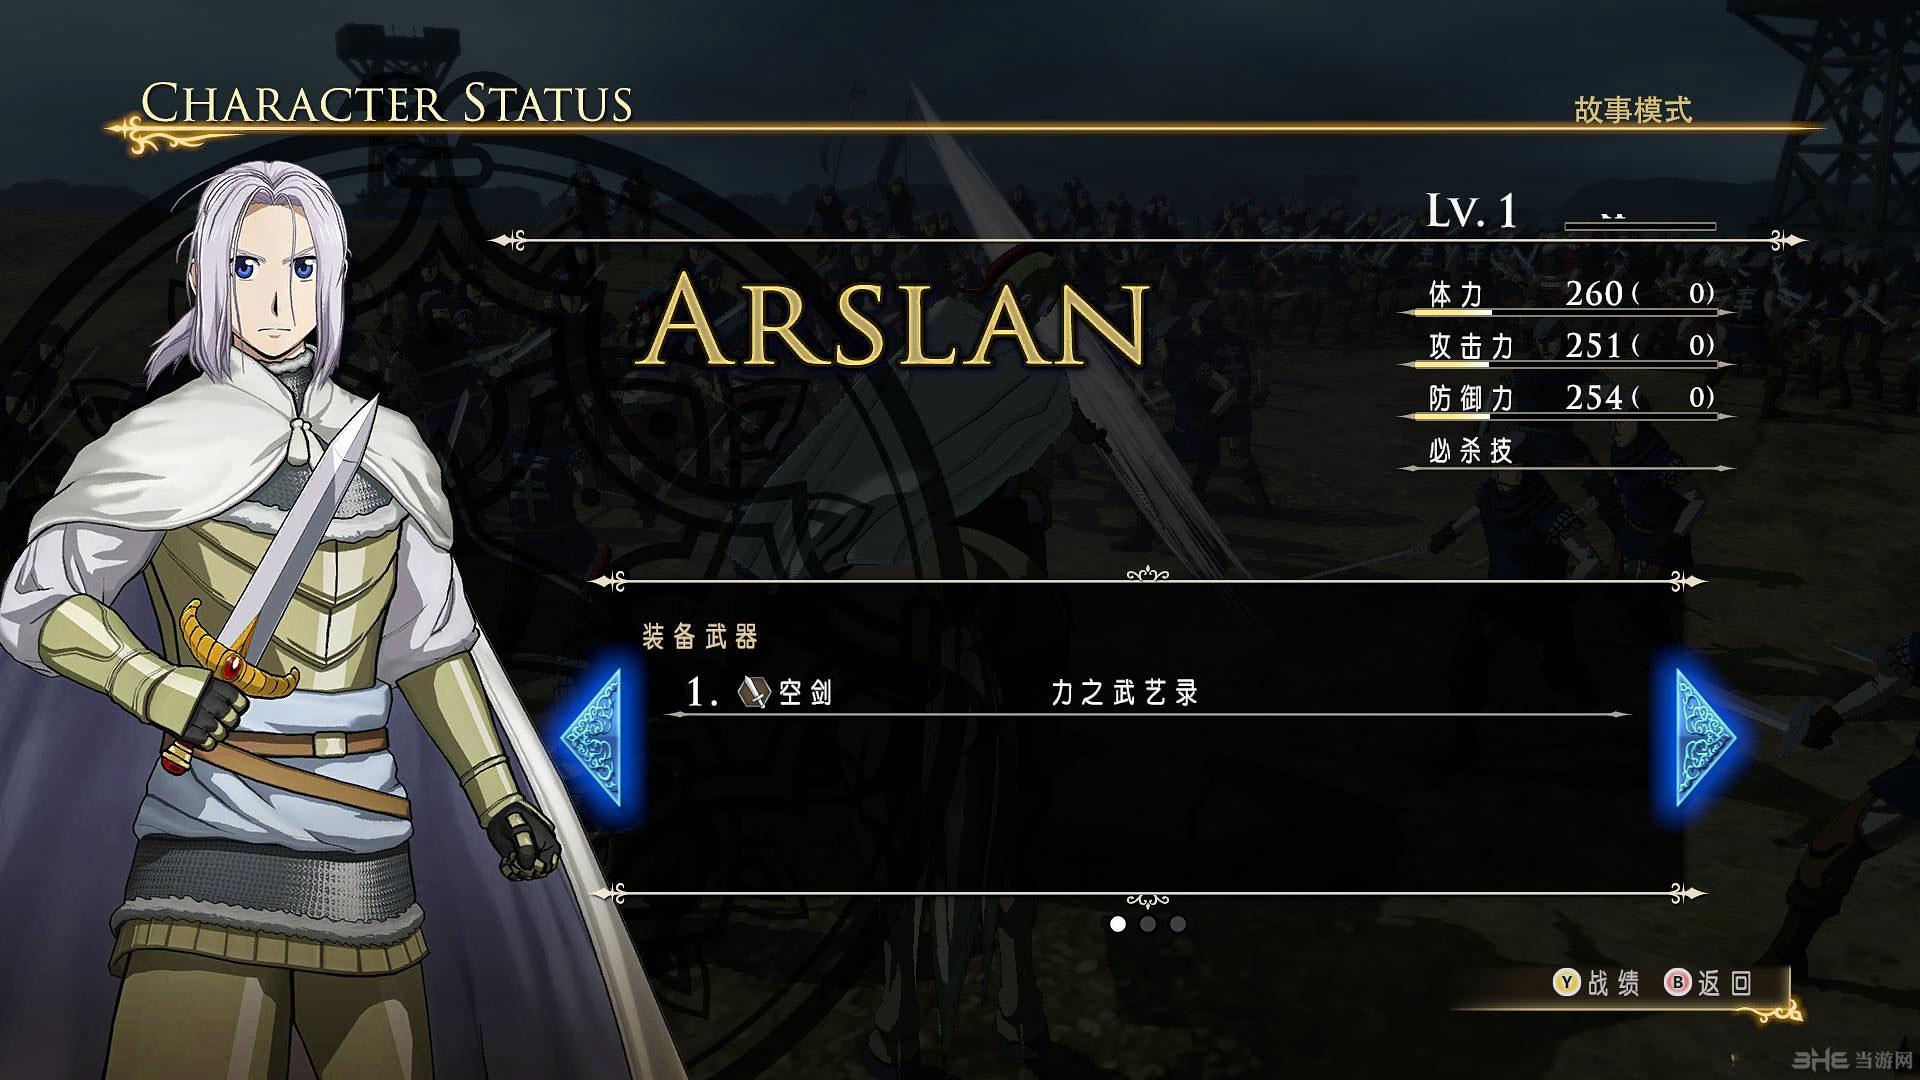 亚尔斯兰战记X无双简体中文汉化补丁截图2